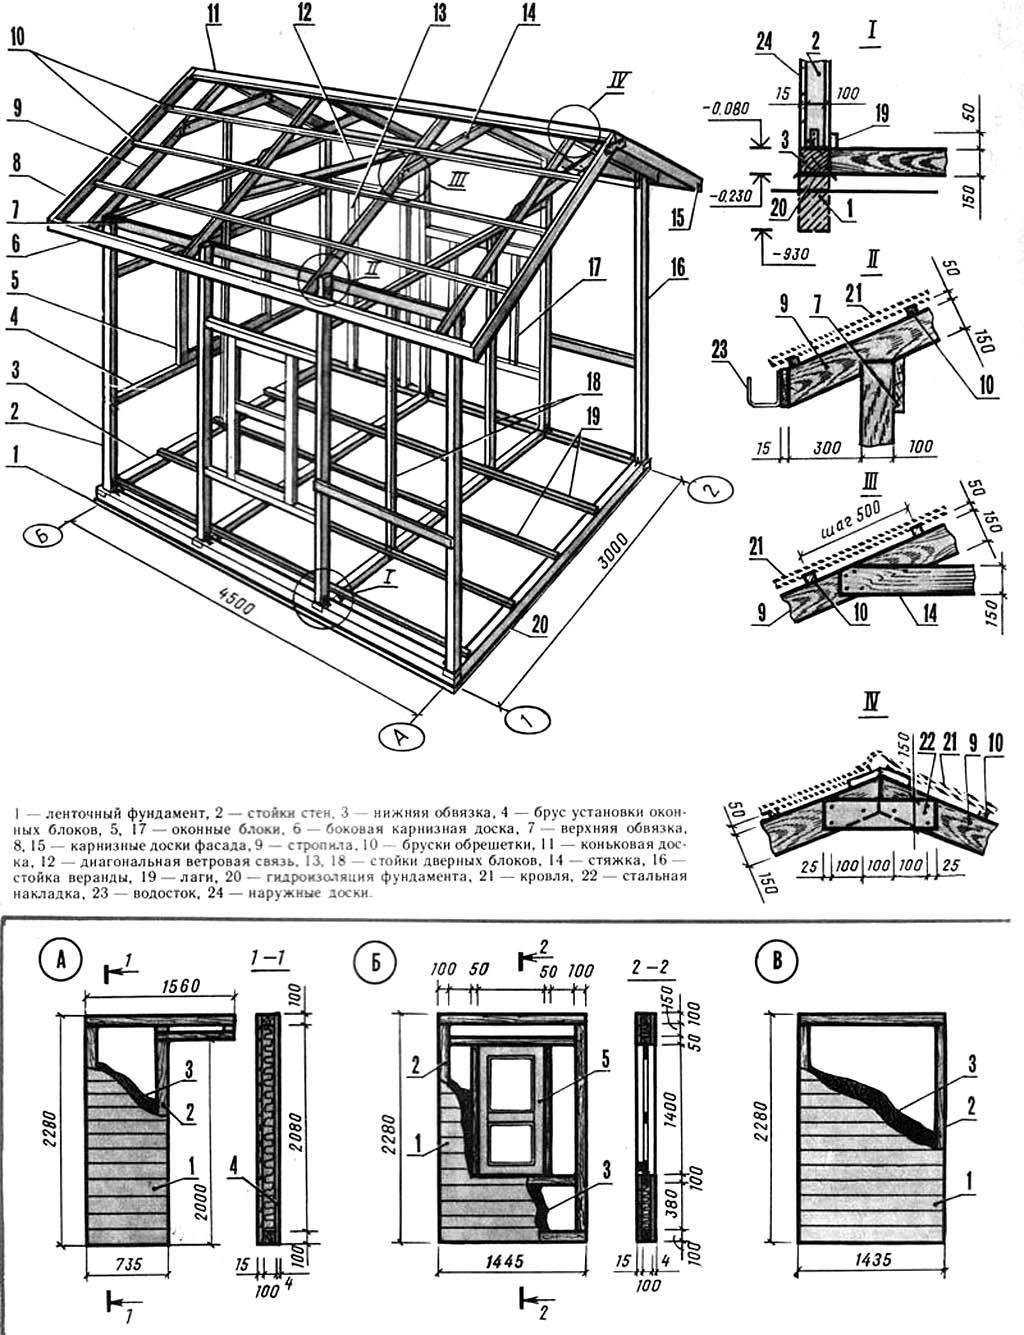 чертежи дачного мини-домика